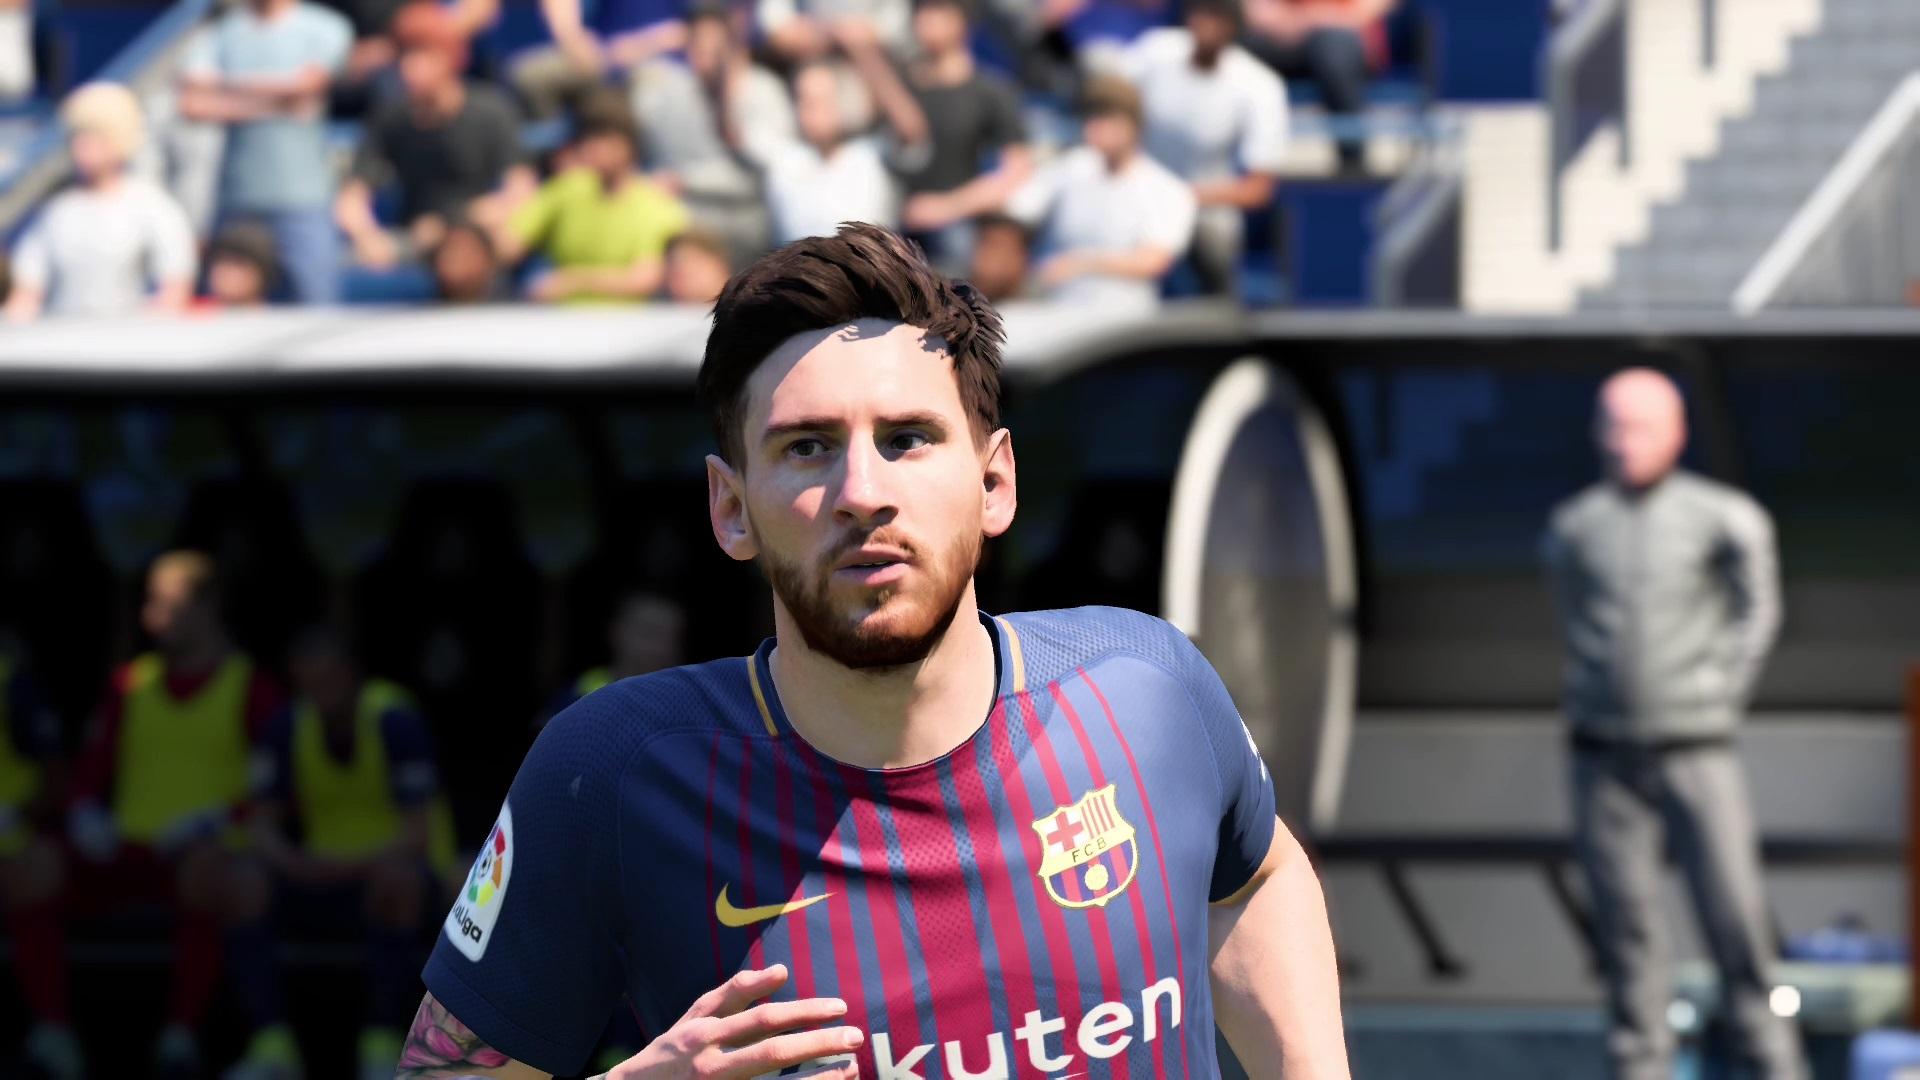 FIFA 18 de Nintendo Swith, no permite jugar online con un amigo